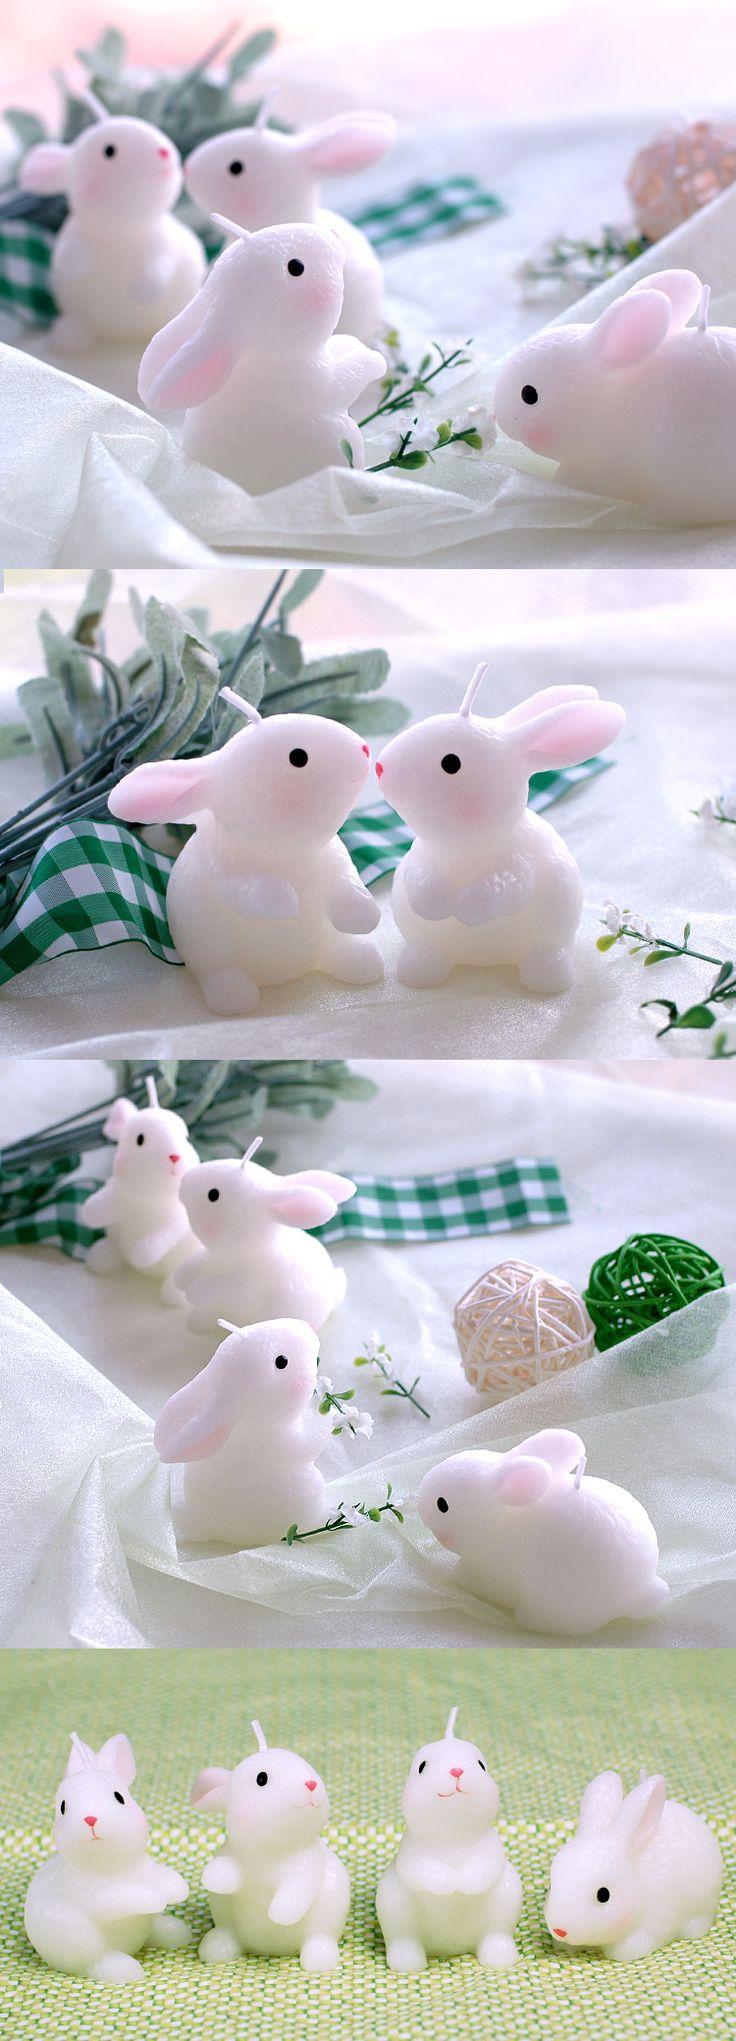 Детский праздник партия поставки день рождения свеча малый кролик Зодиака торт свечи свадебные украшения ароматические свечи, делая подарок купить на AliExpress